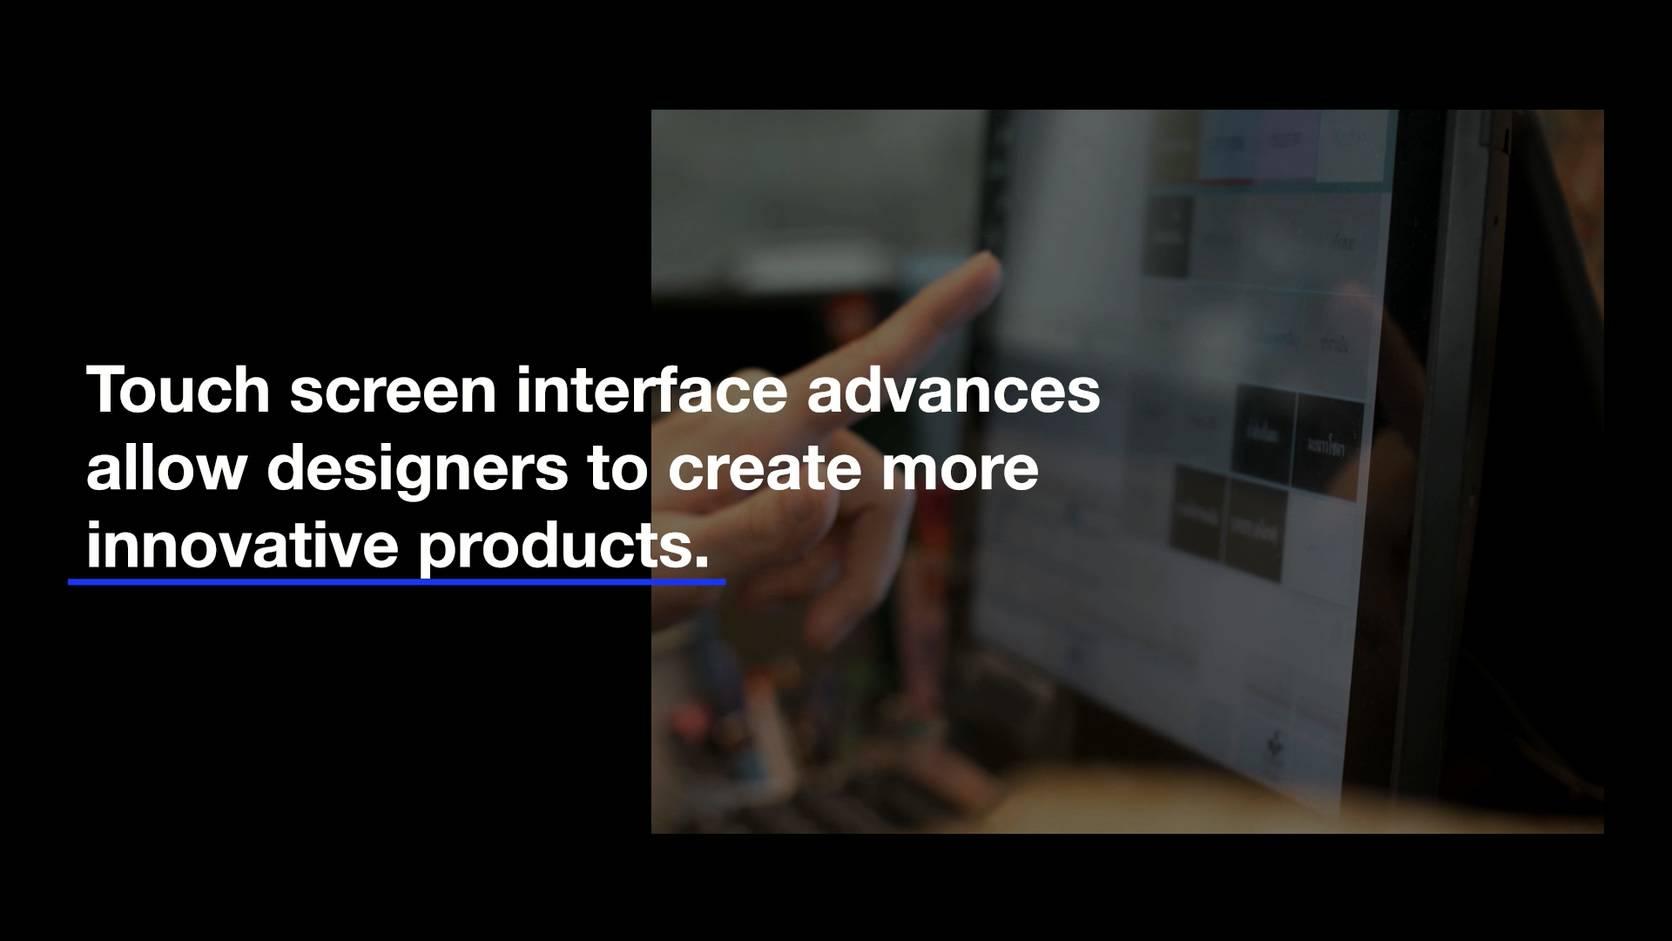 改进消费电子设计中的触控技术